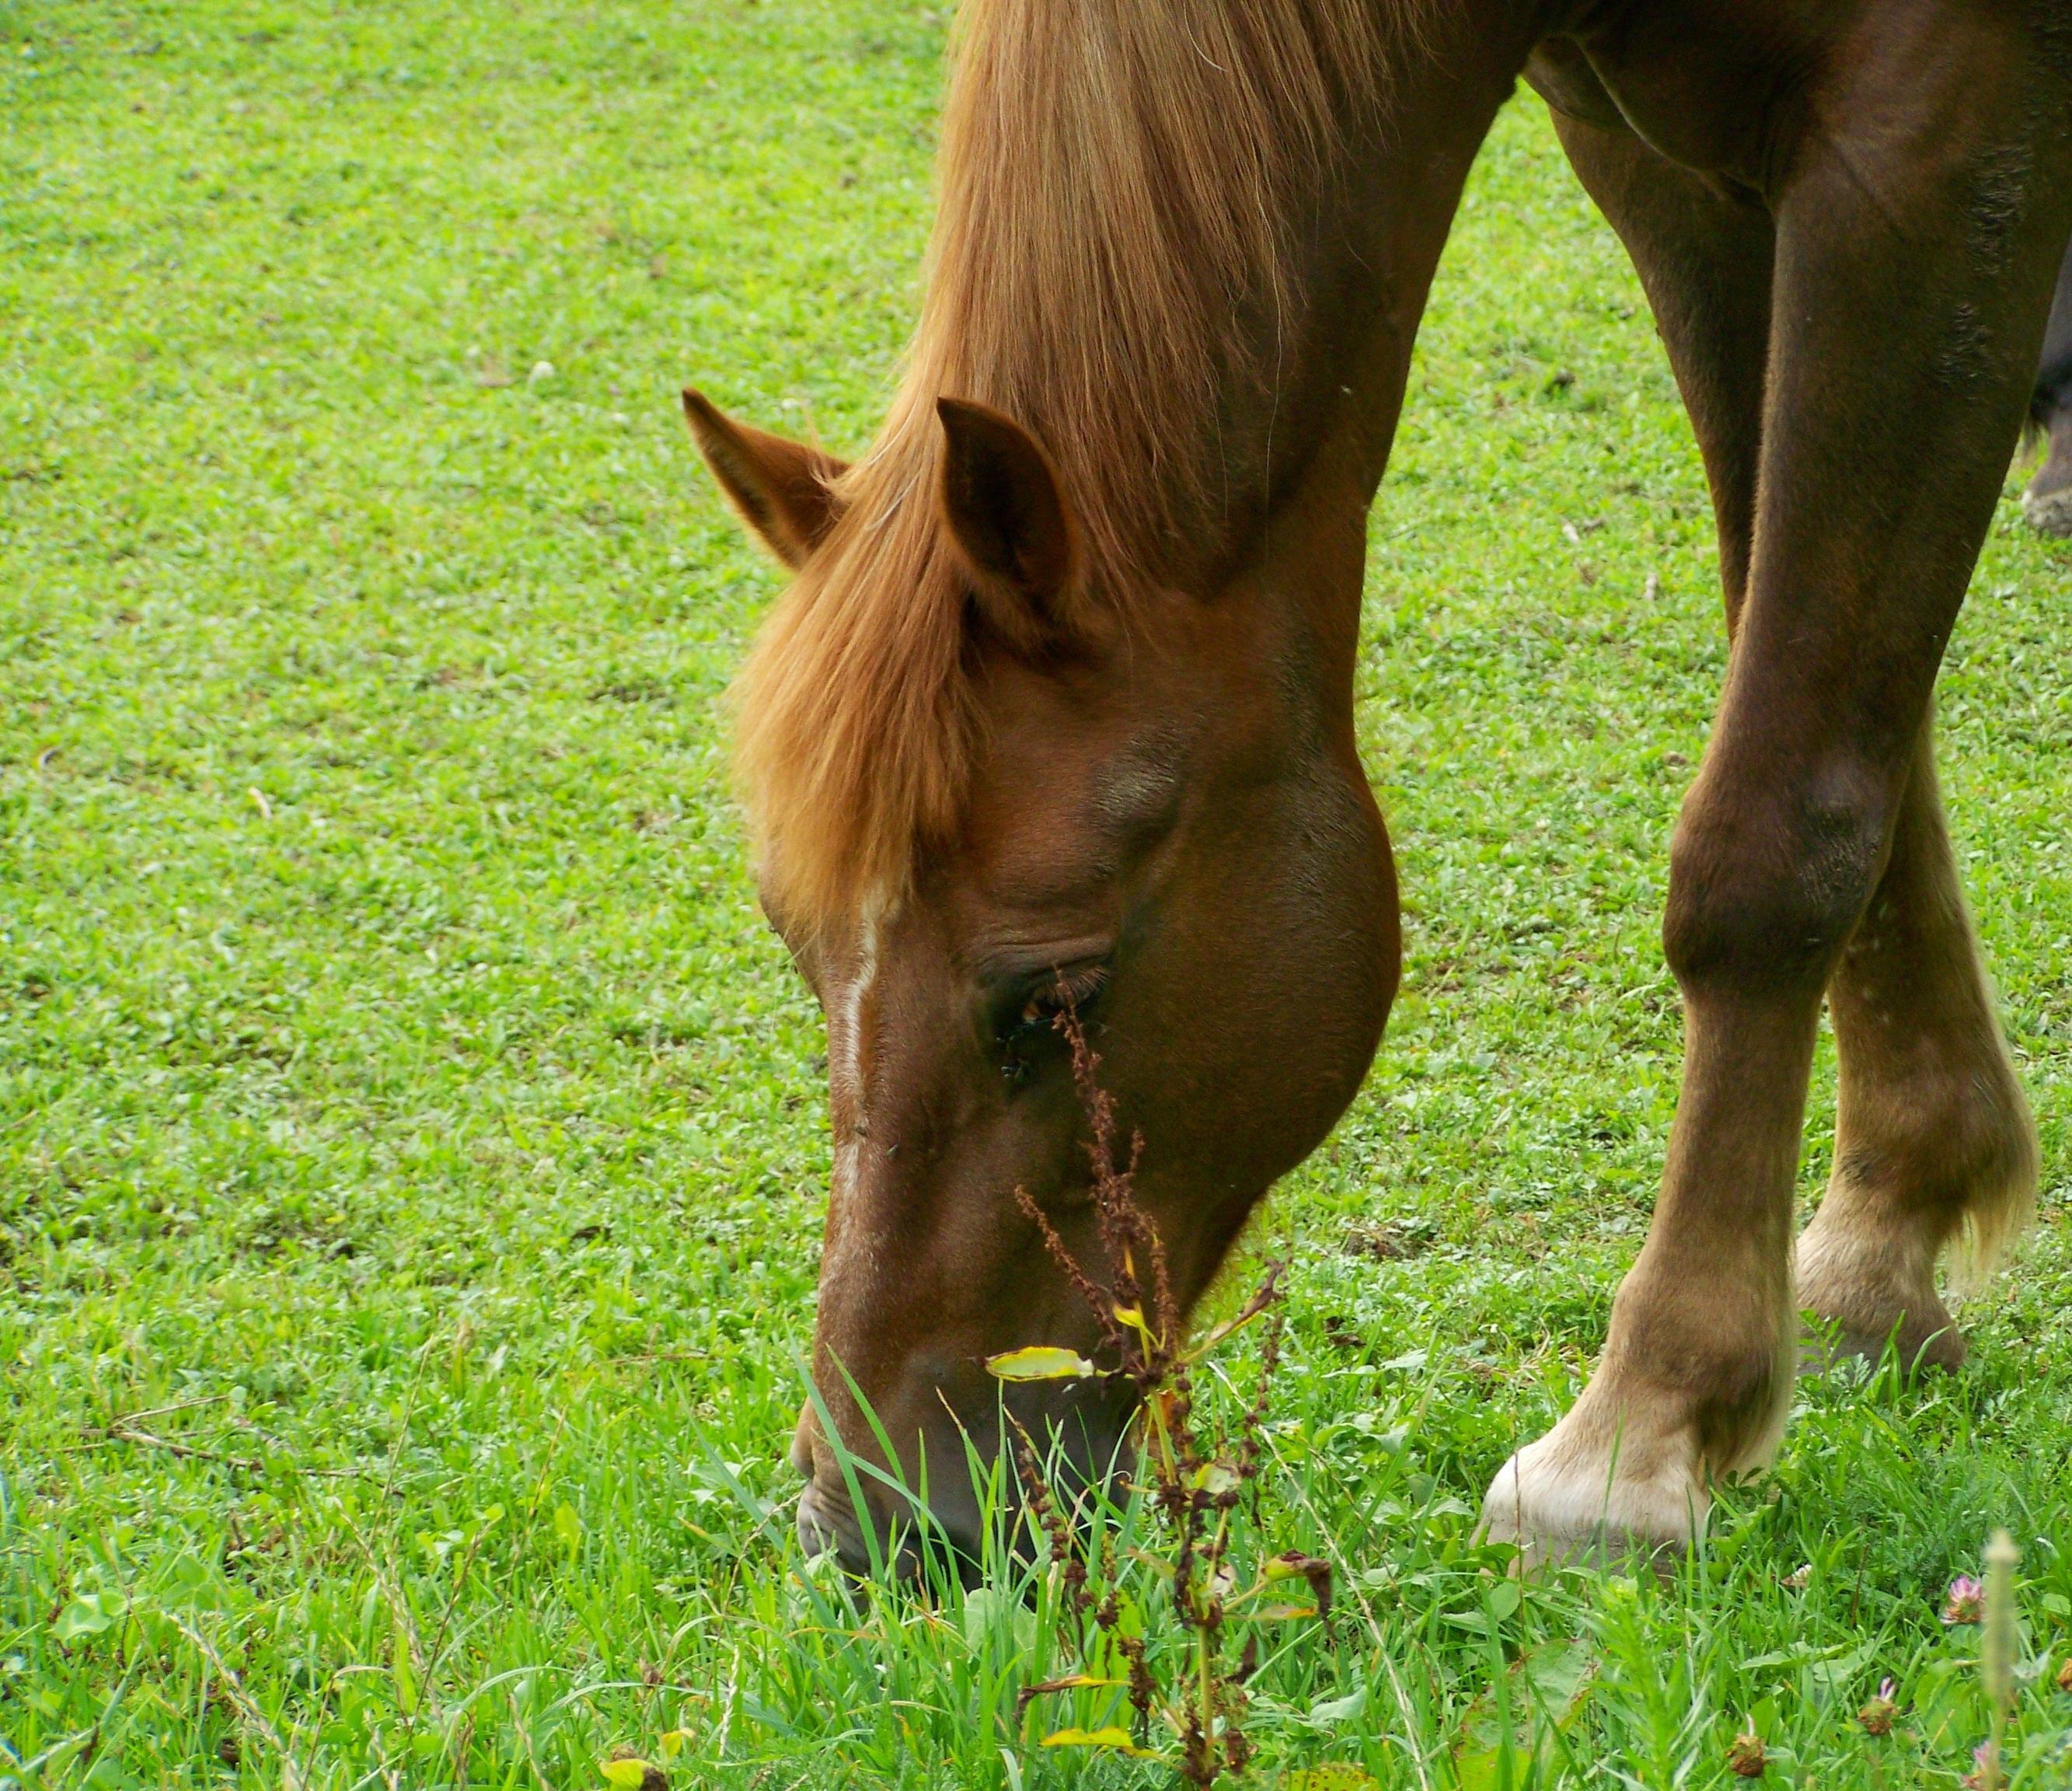 97+ Gambar Kuda Hewan Peliharaan Gratis